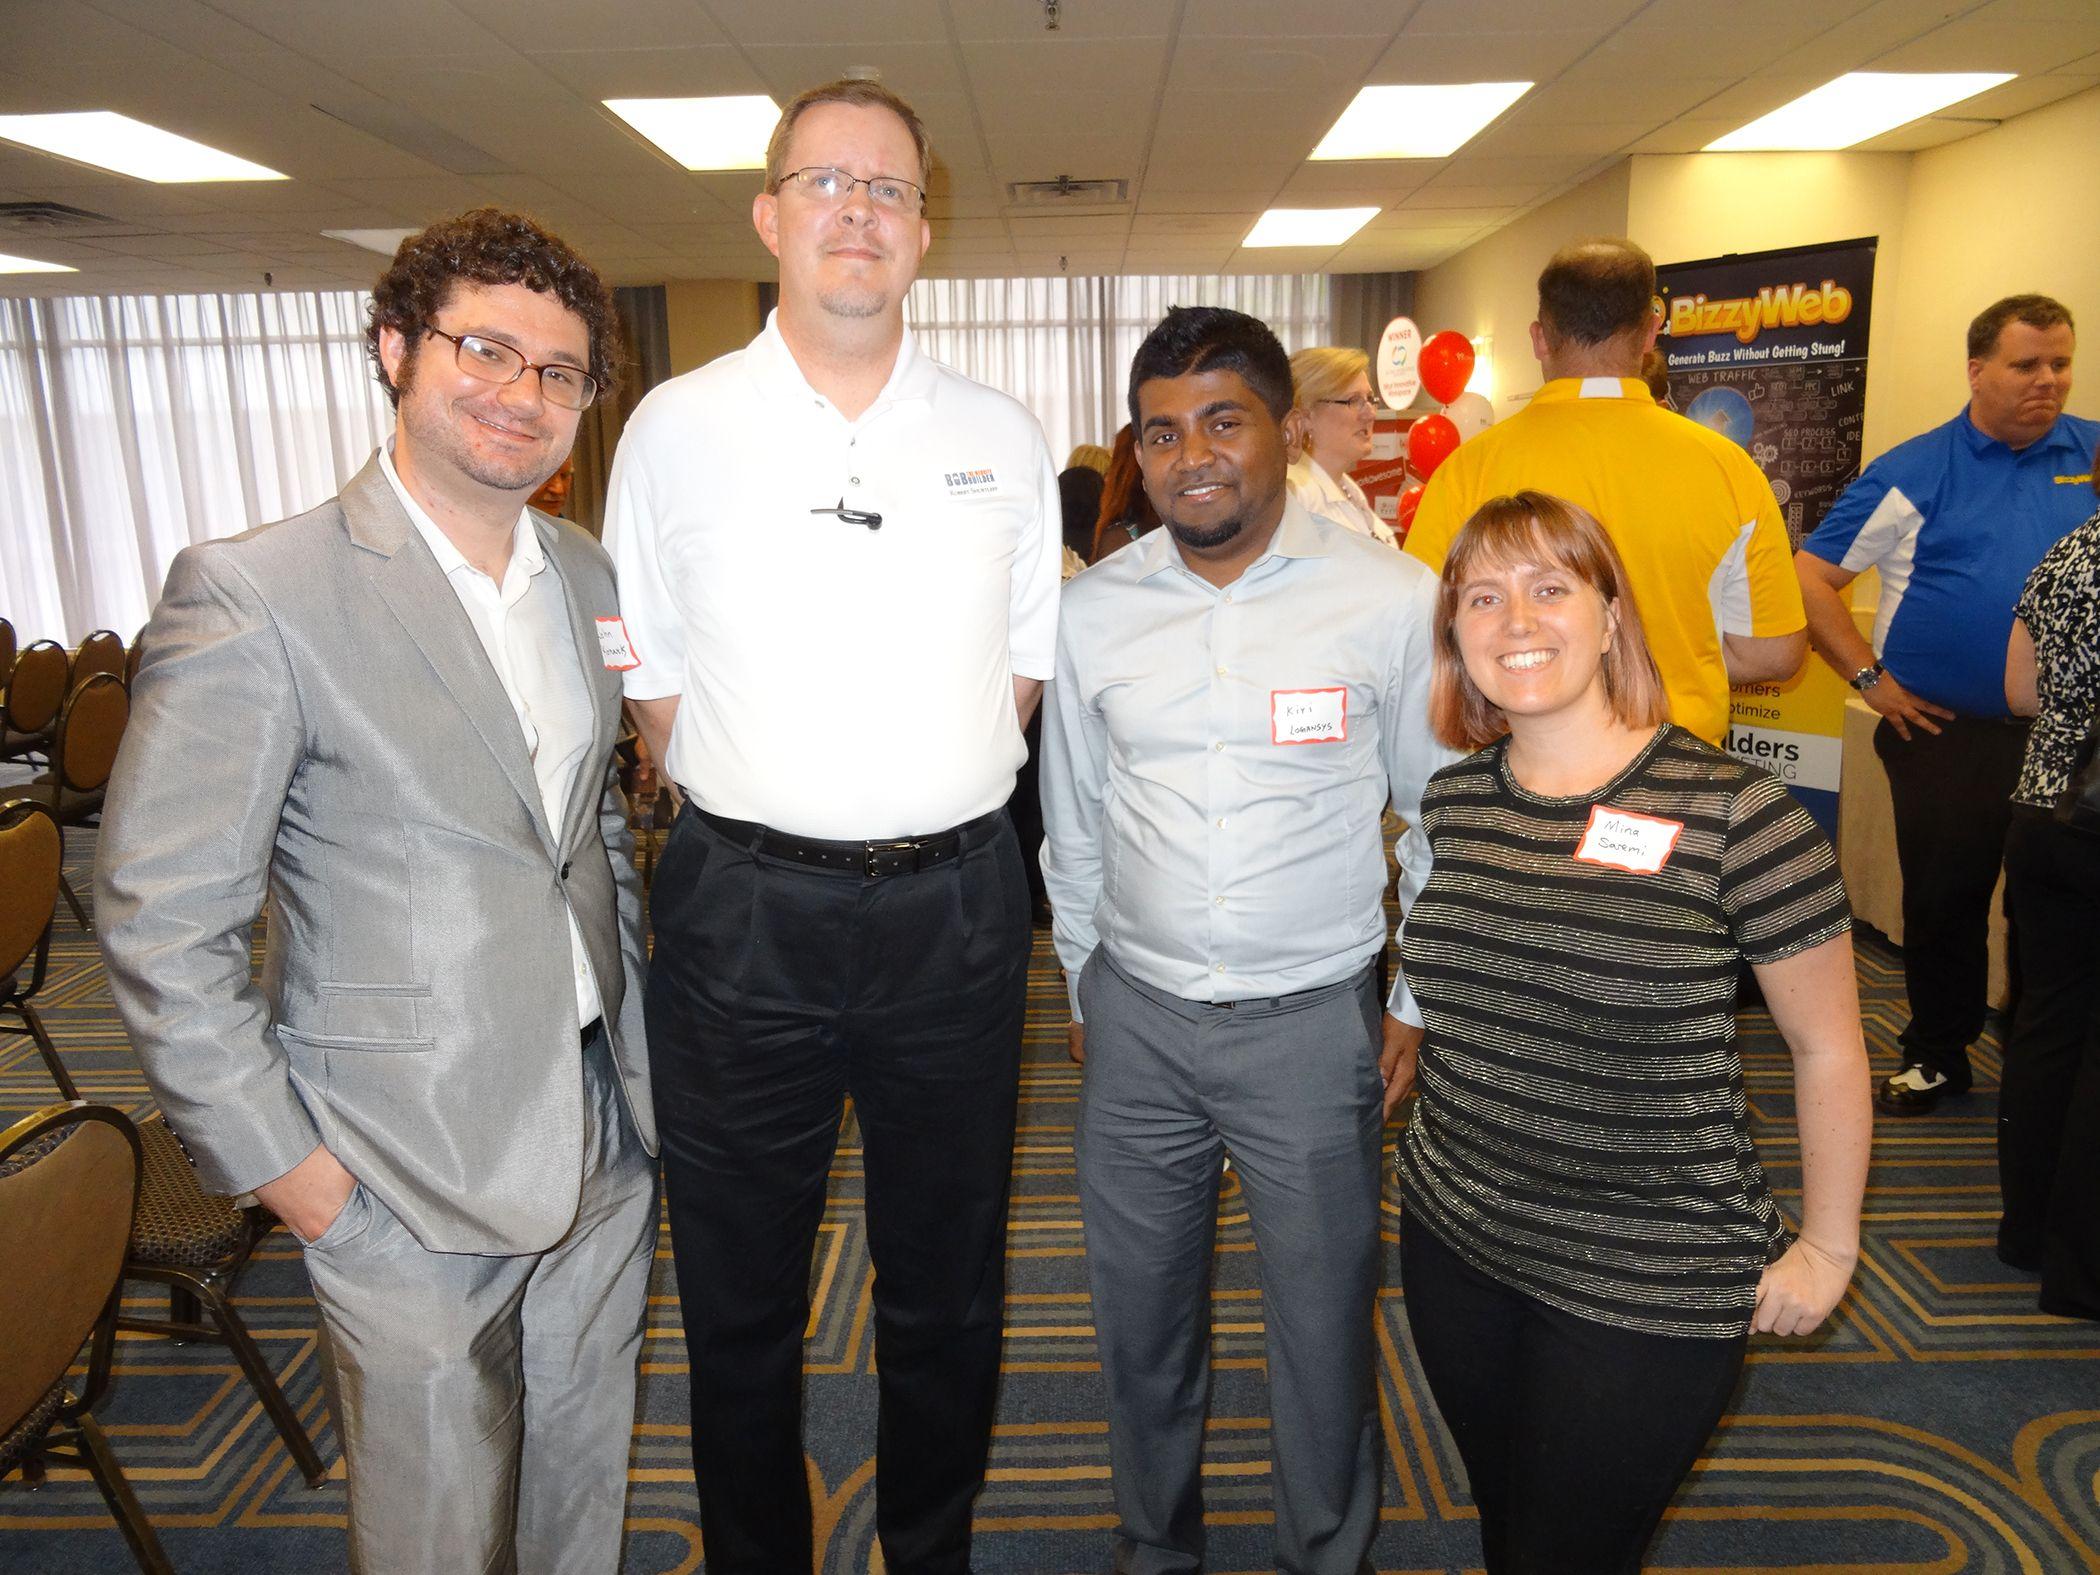 New Business Minnesota Startup Meetup